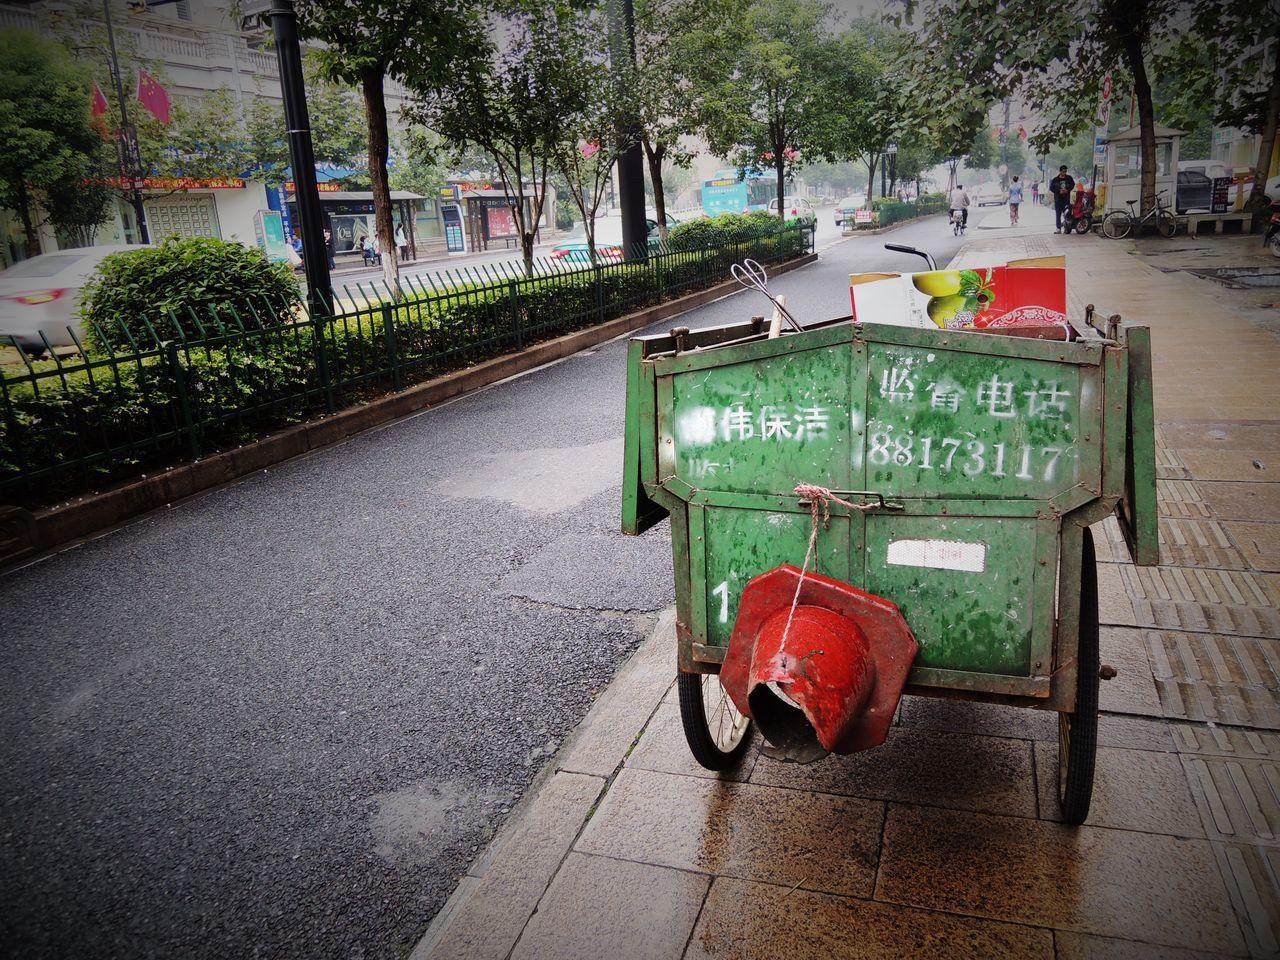 EMPTY SEATS ON STREET